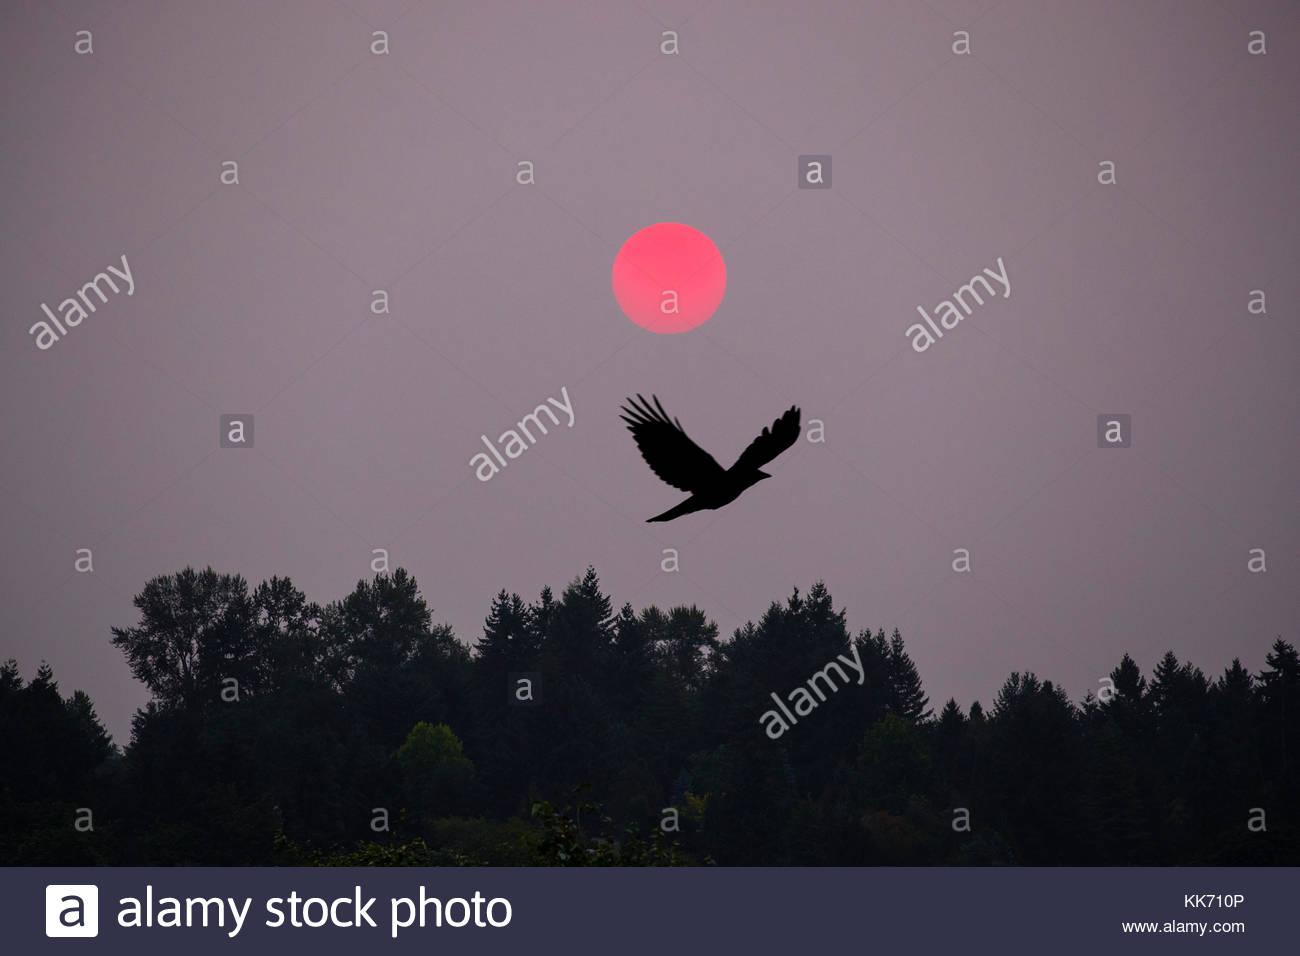 Als die Sonne durch dichten Nebel von ausgedehnten Waldbrände verursacht steigt, eine Amerikanische Krähen Stockbild